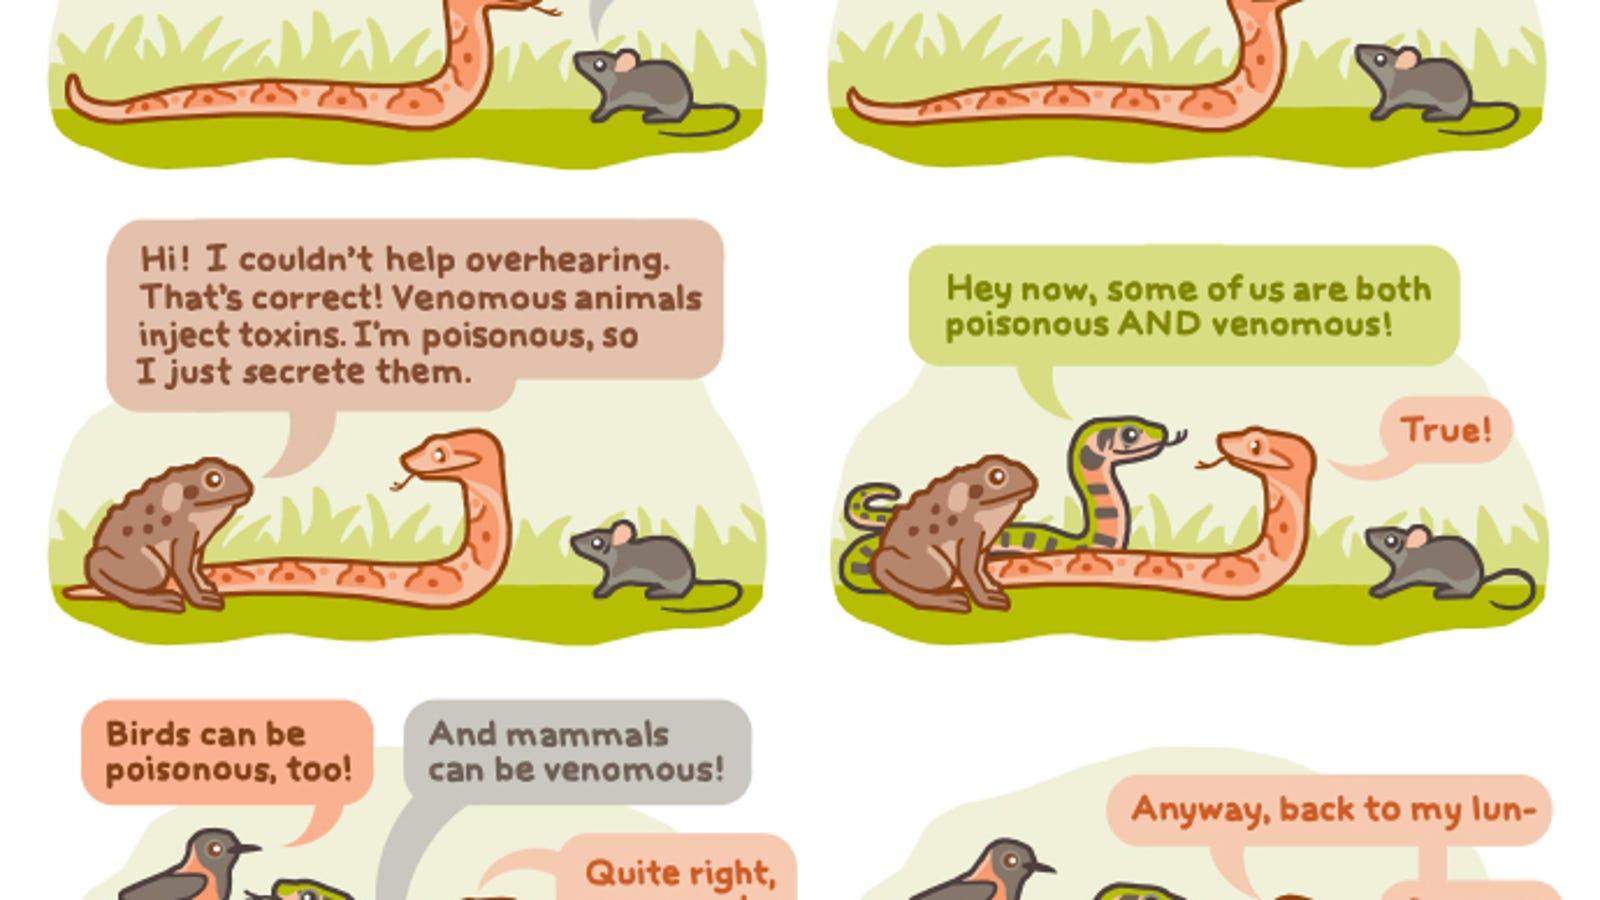 venomous vs poisonous explained with adorable talking animals